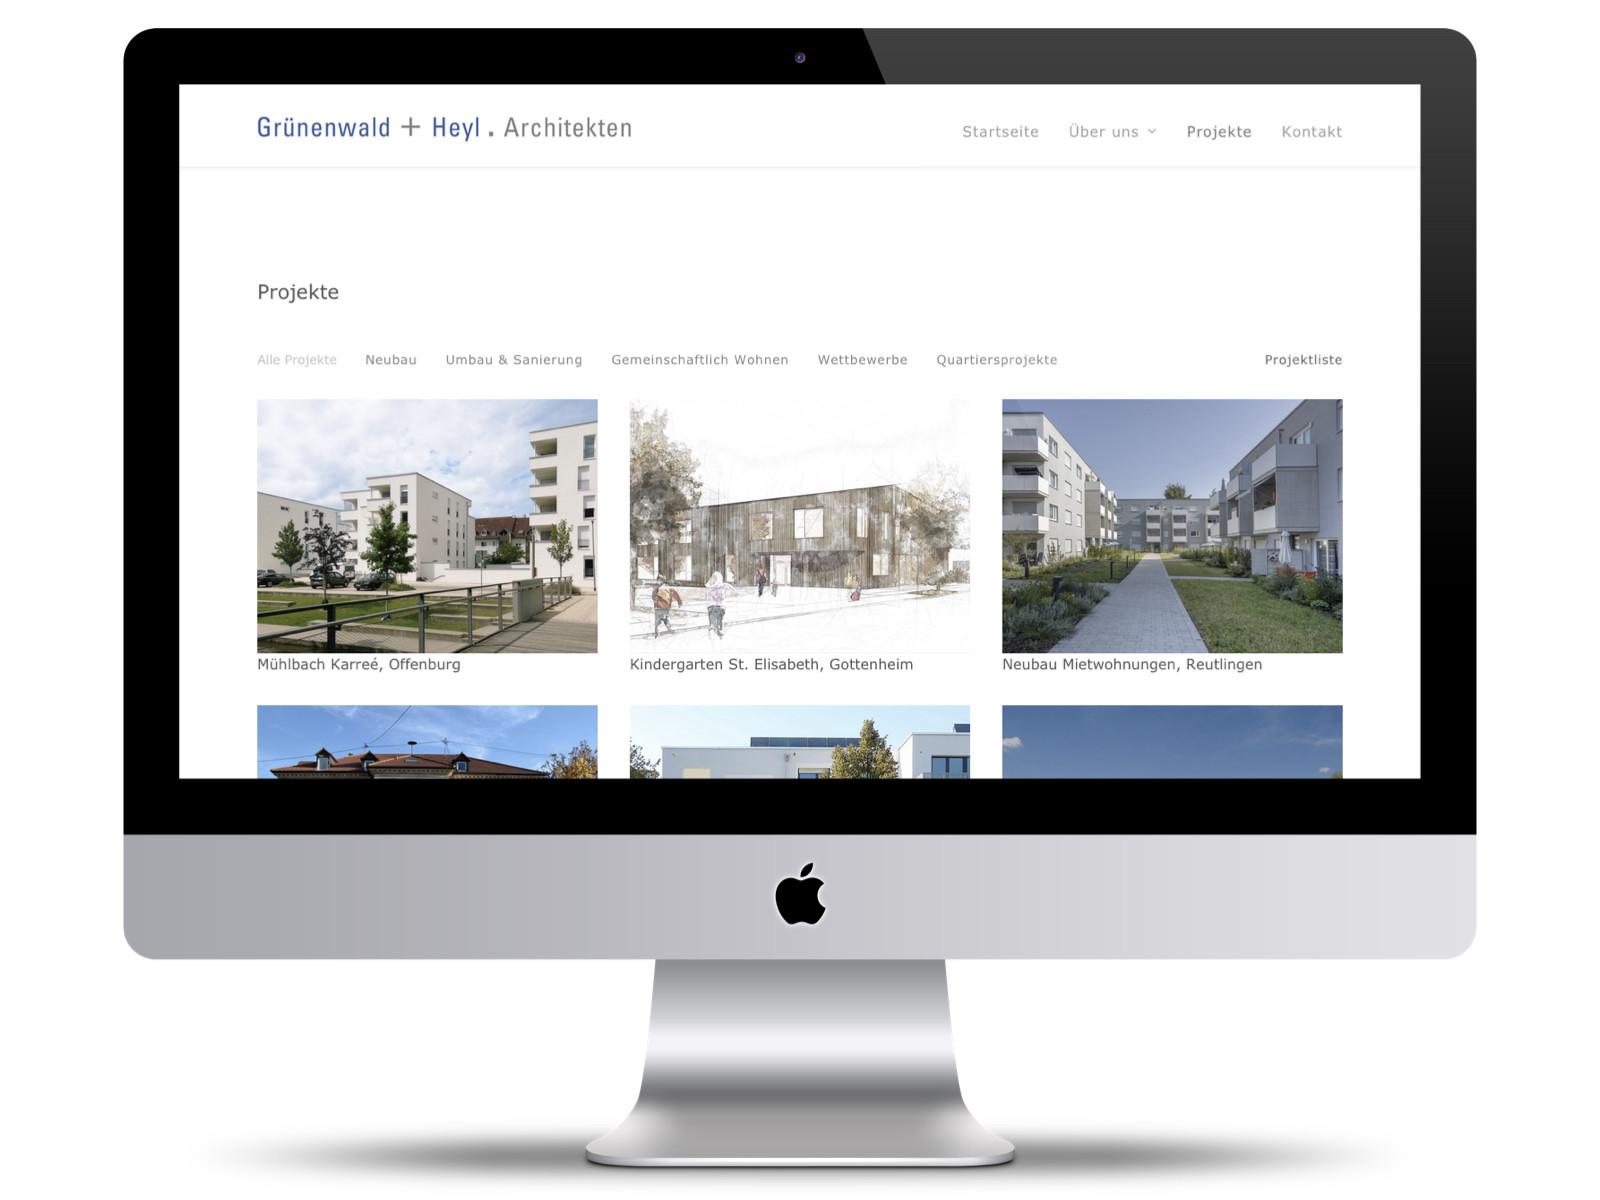 Wordpress-Website Grünenwald + Heyl . Architekten, Karlsruhe (Seite Projekte im Februar 2020)